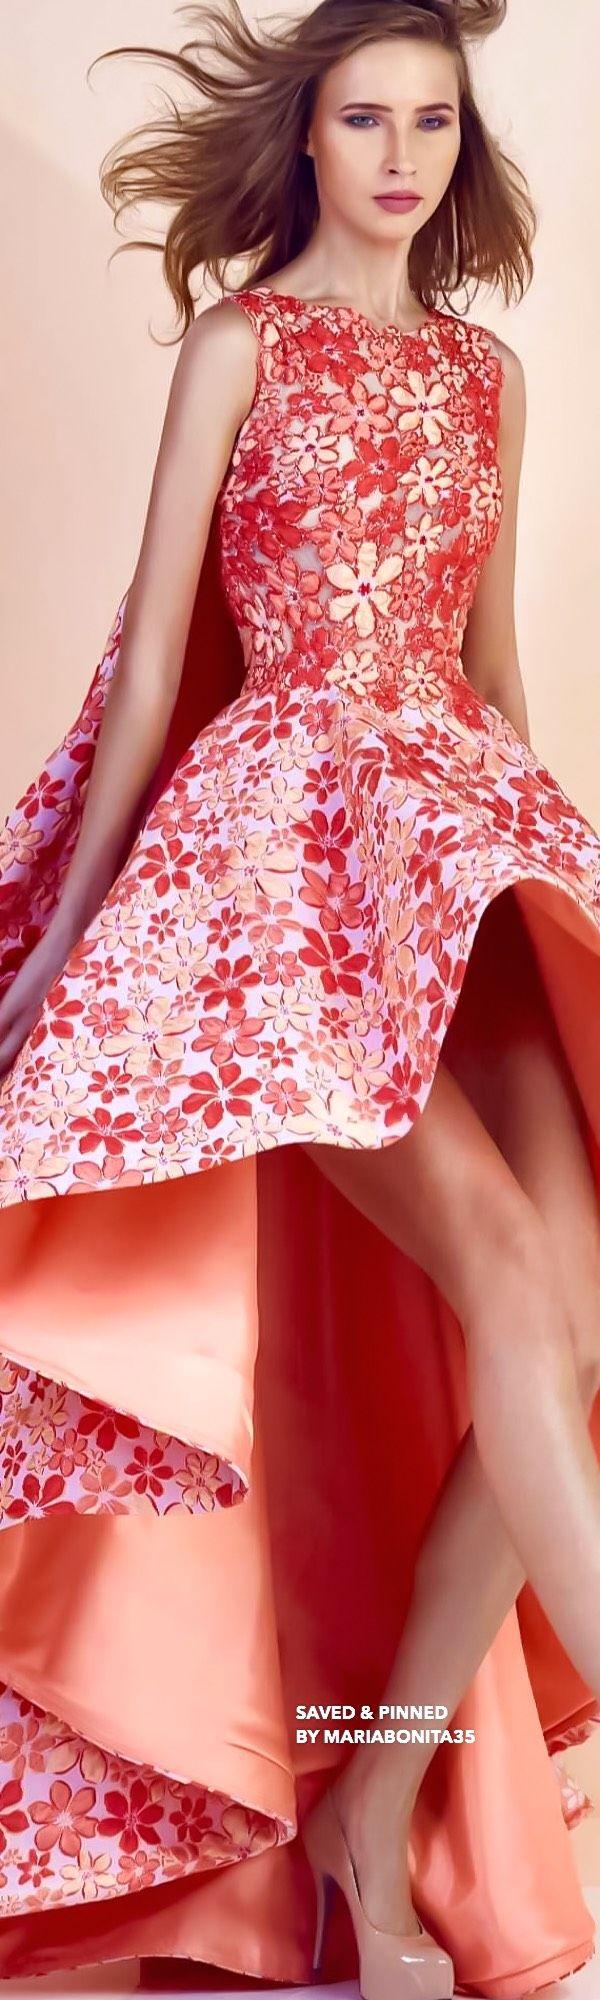 Mejores 258 imágenes de SHADES OF ORANGE FASHION en Pinterest | Moda ...